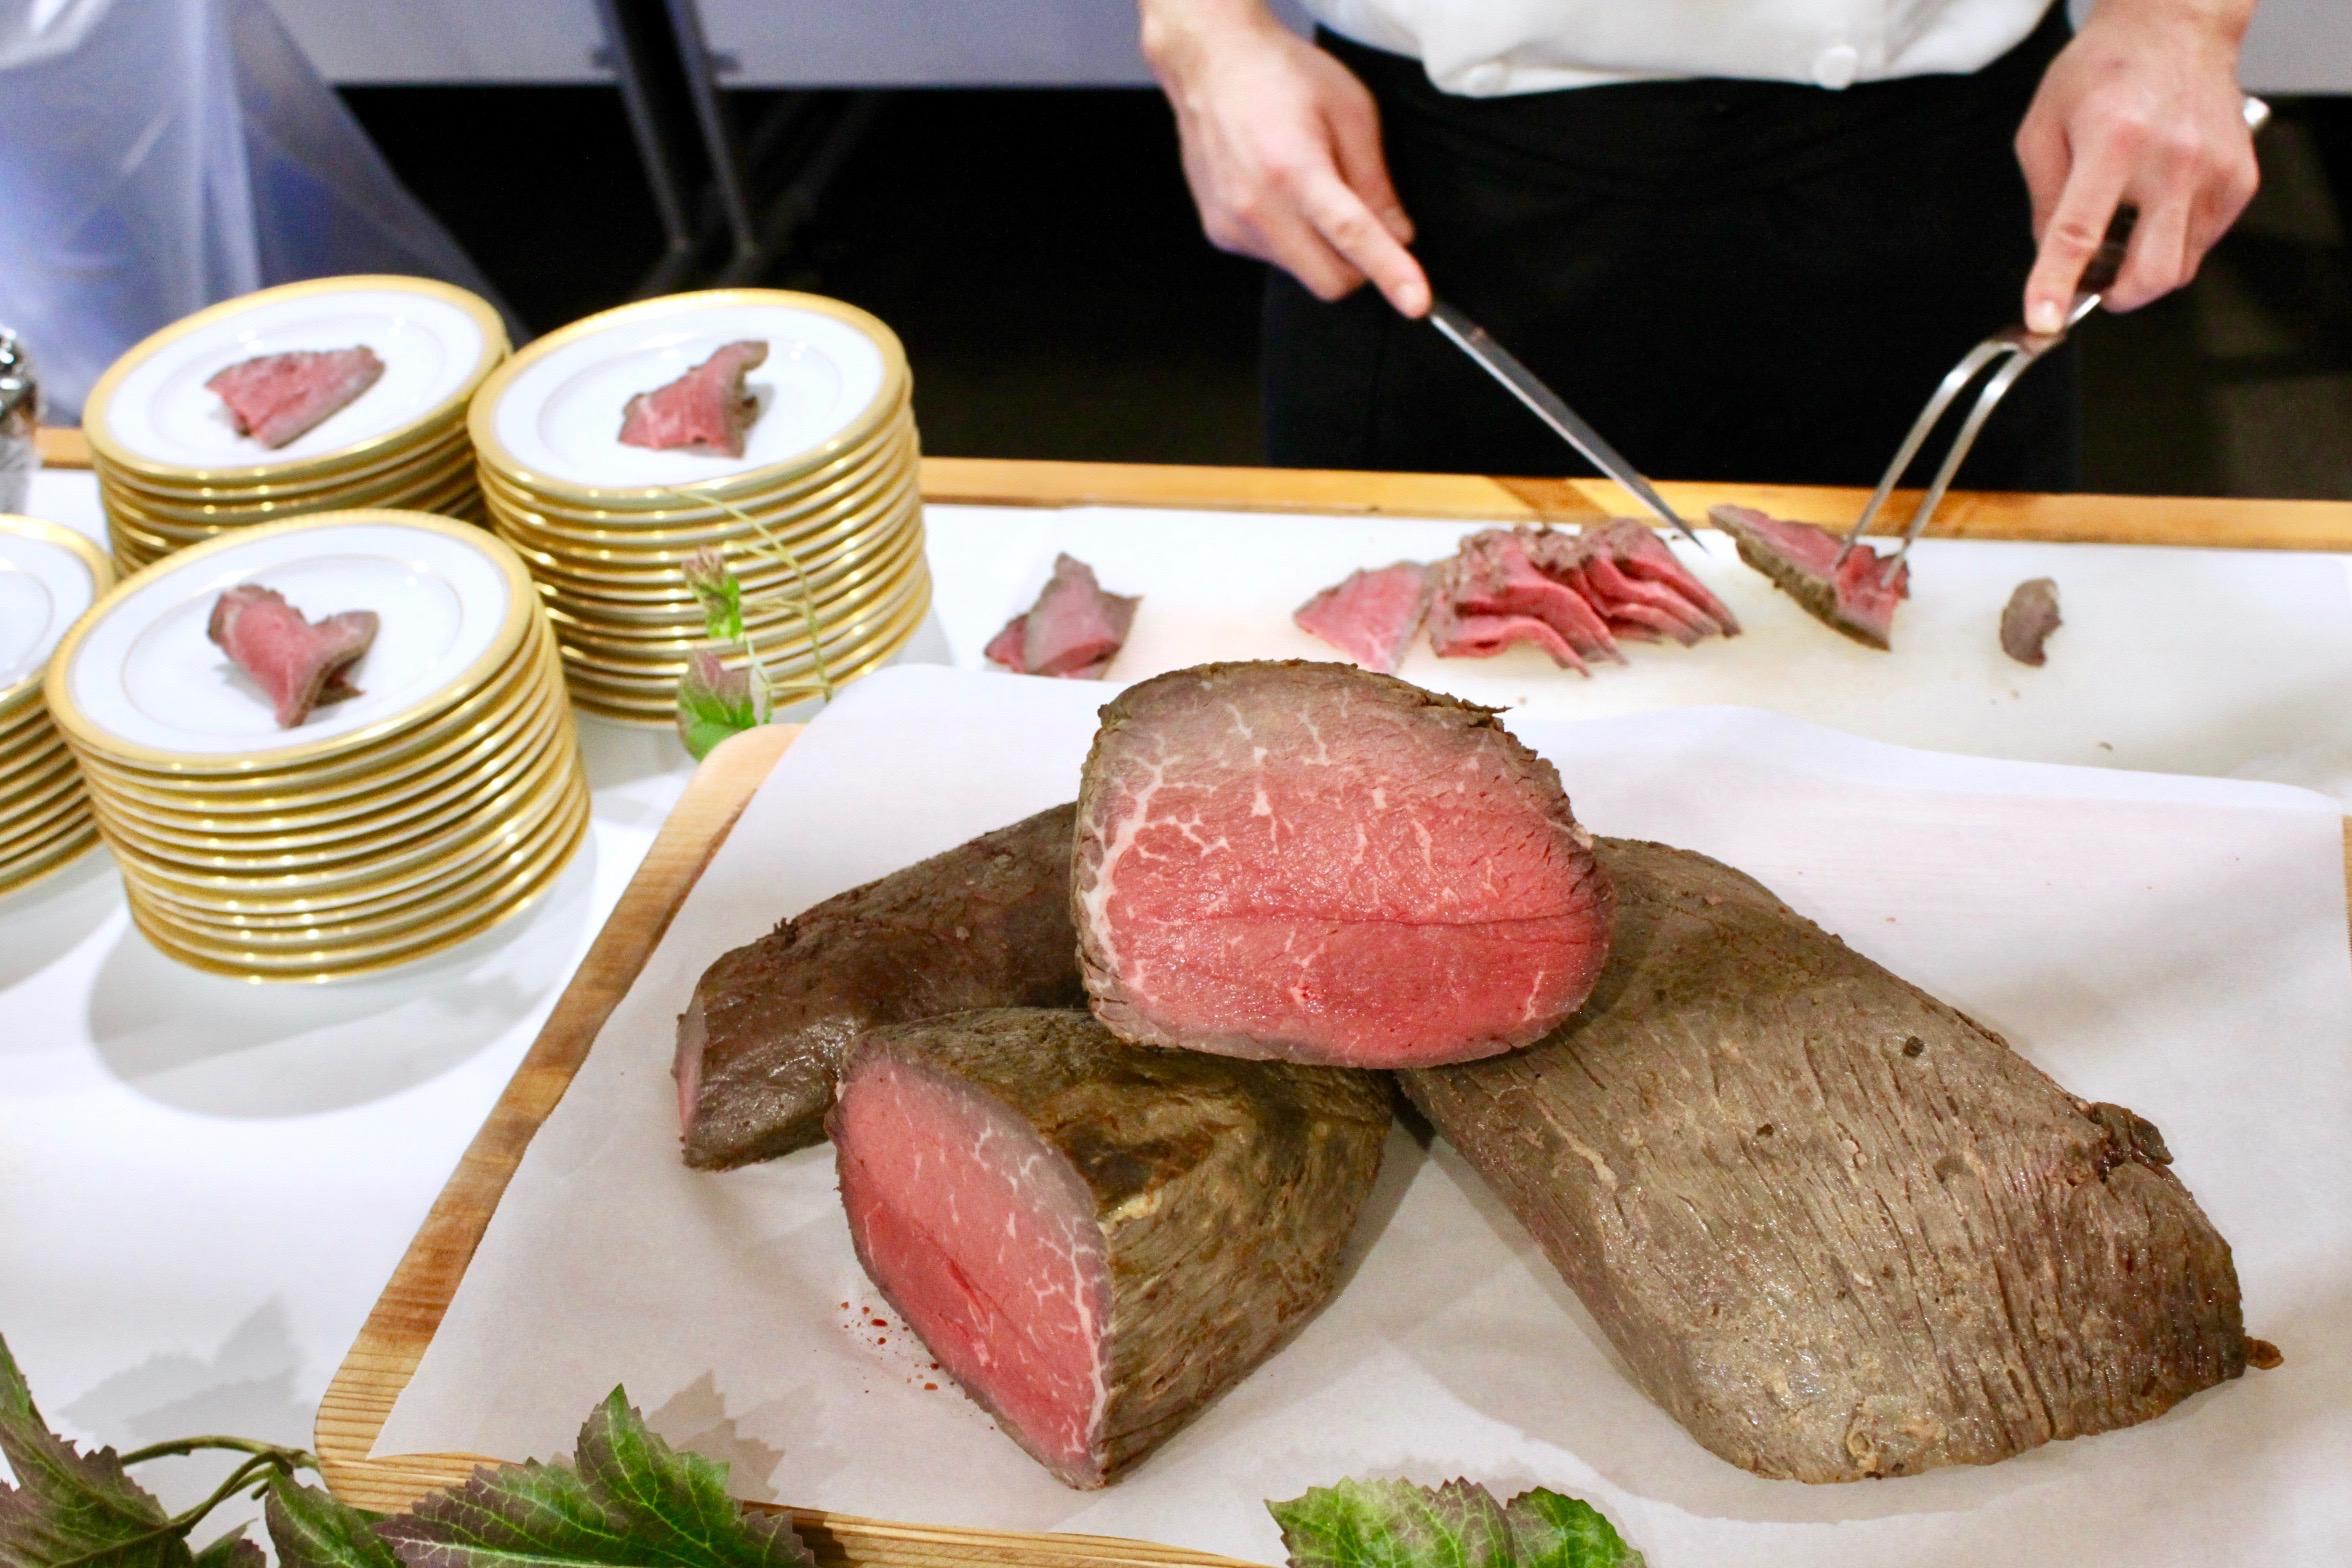 宮崎県産和牛ローストビーフ、玉ねぎソース添え 〜シェフによるカッティングサービスの可能〜